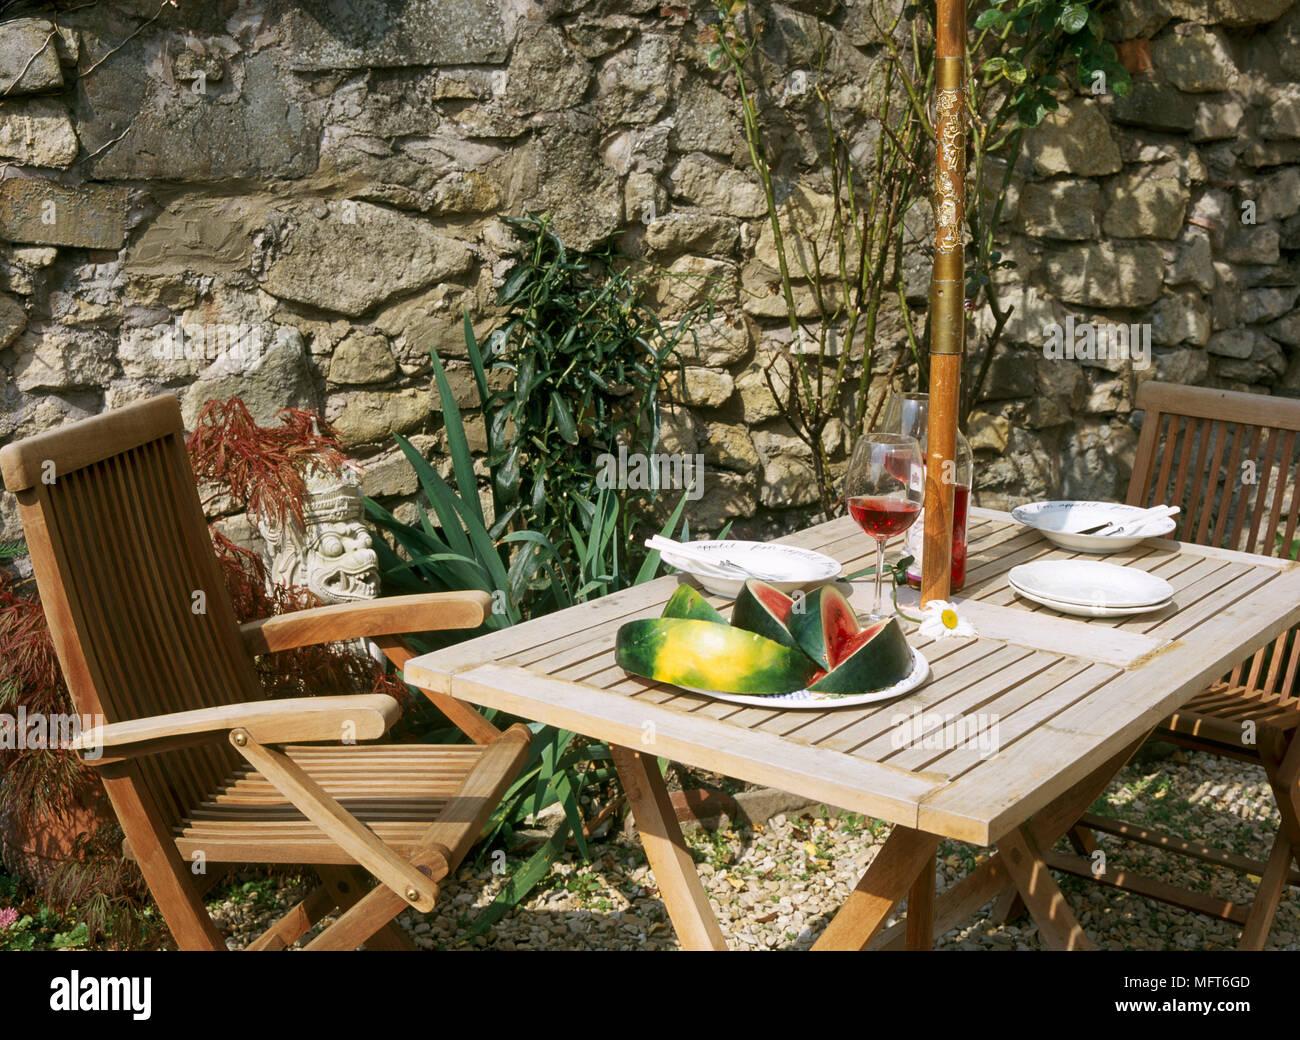 Un jardin détail montrant une table et chaises en bois situé ...